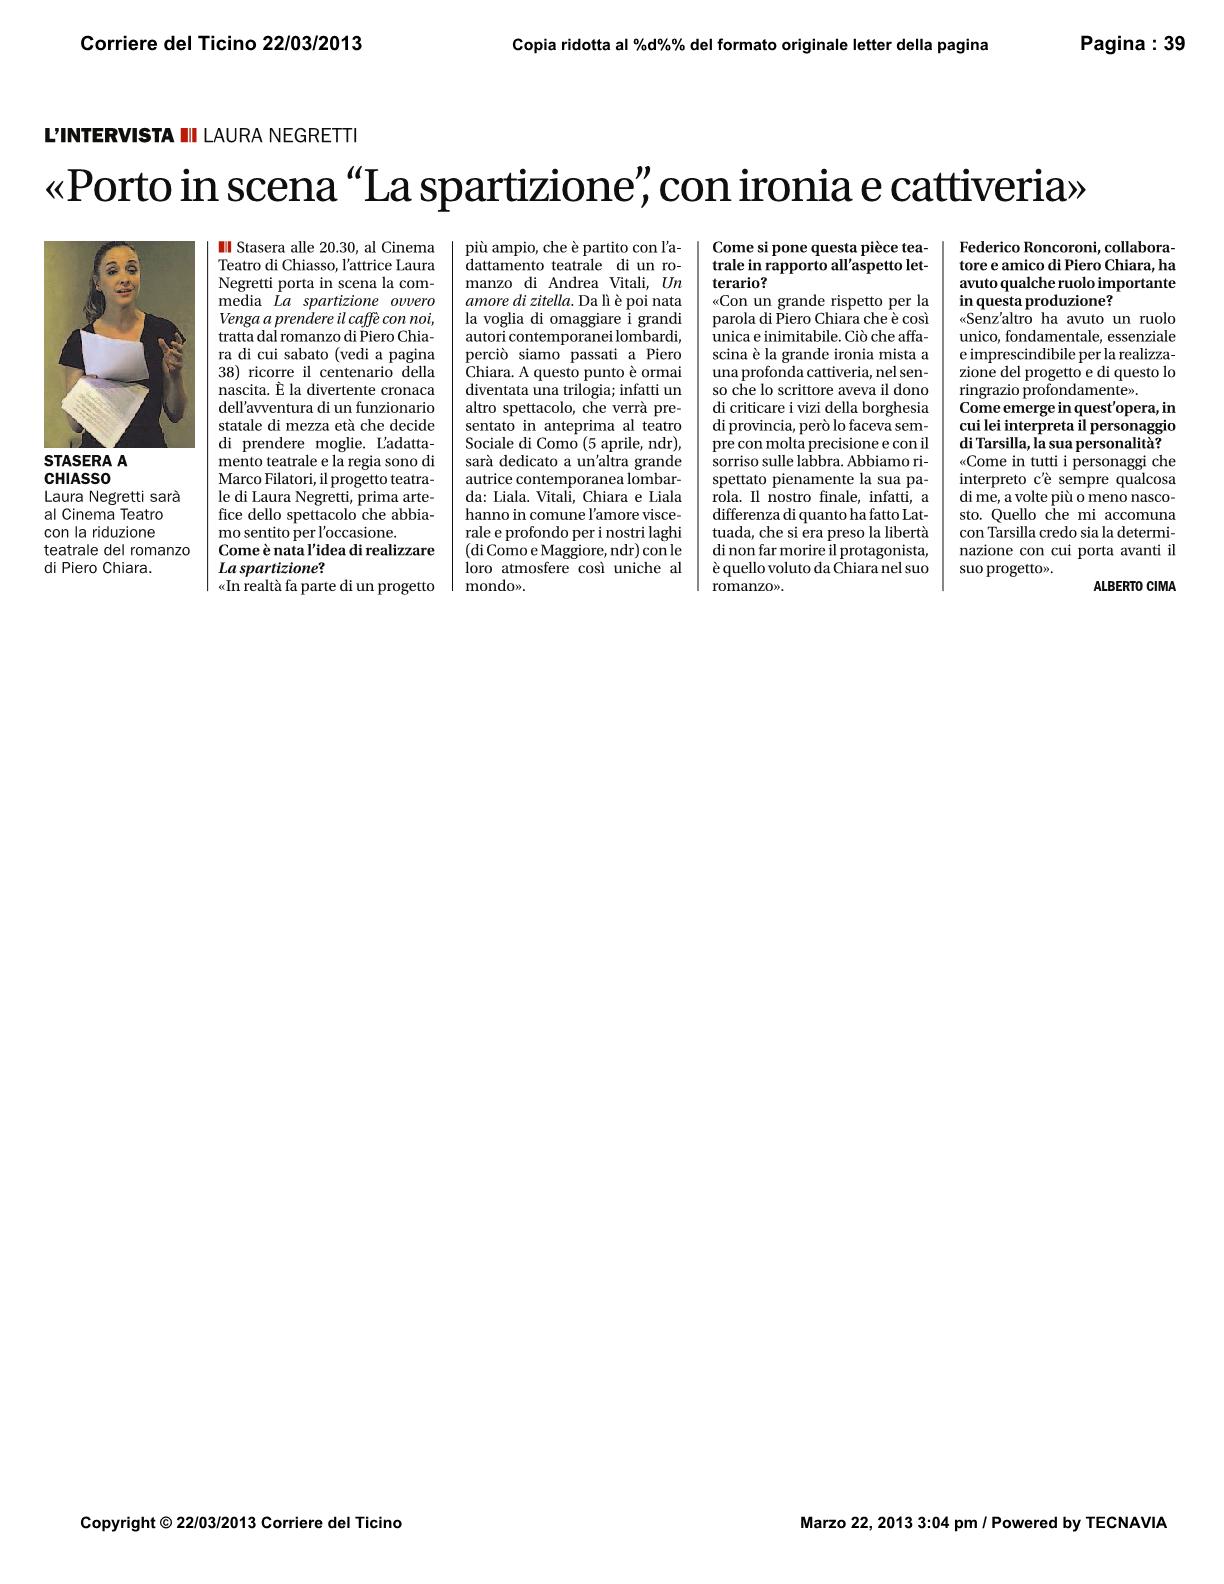 Corriere del Ticino 22 Marzo 2013